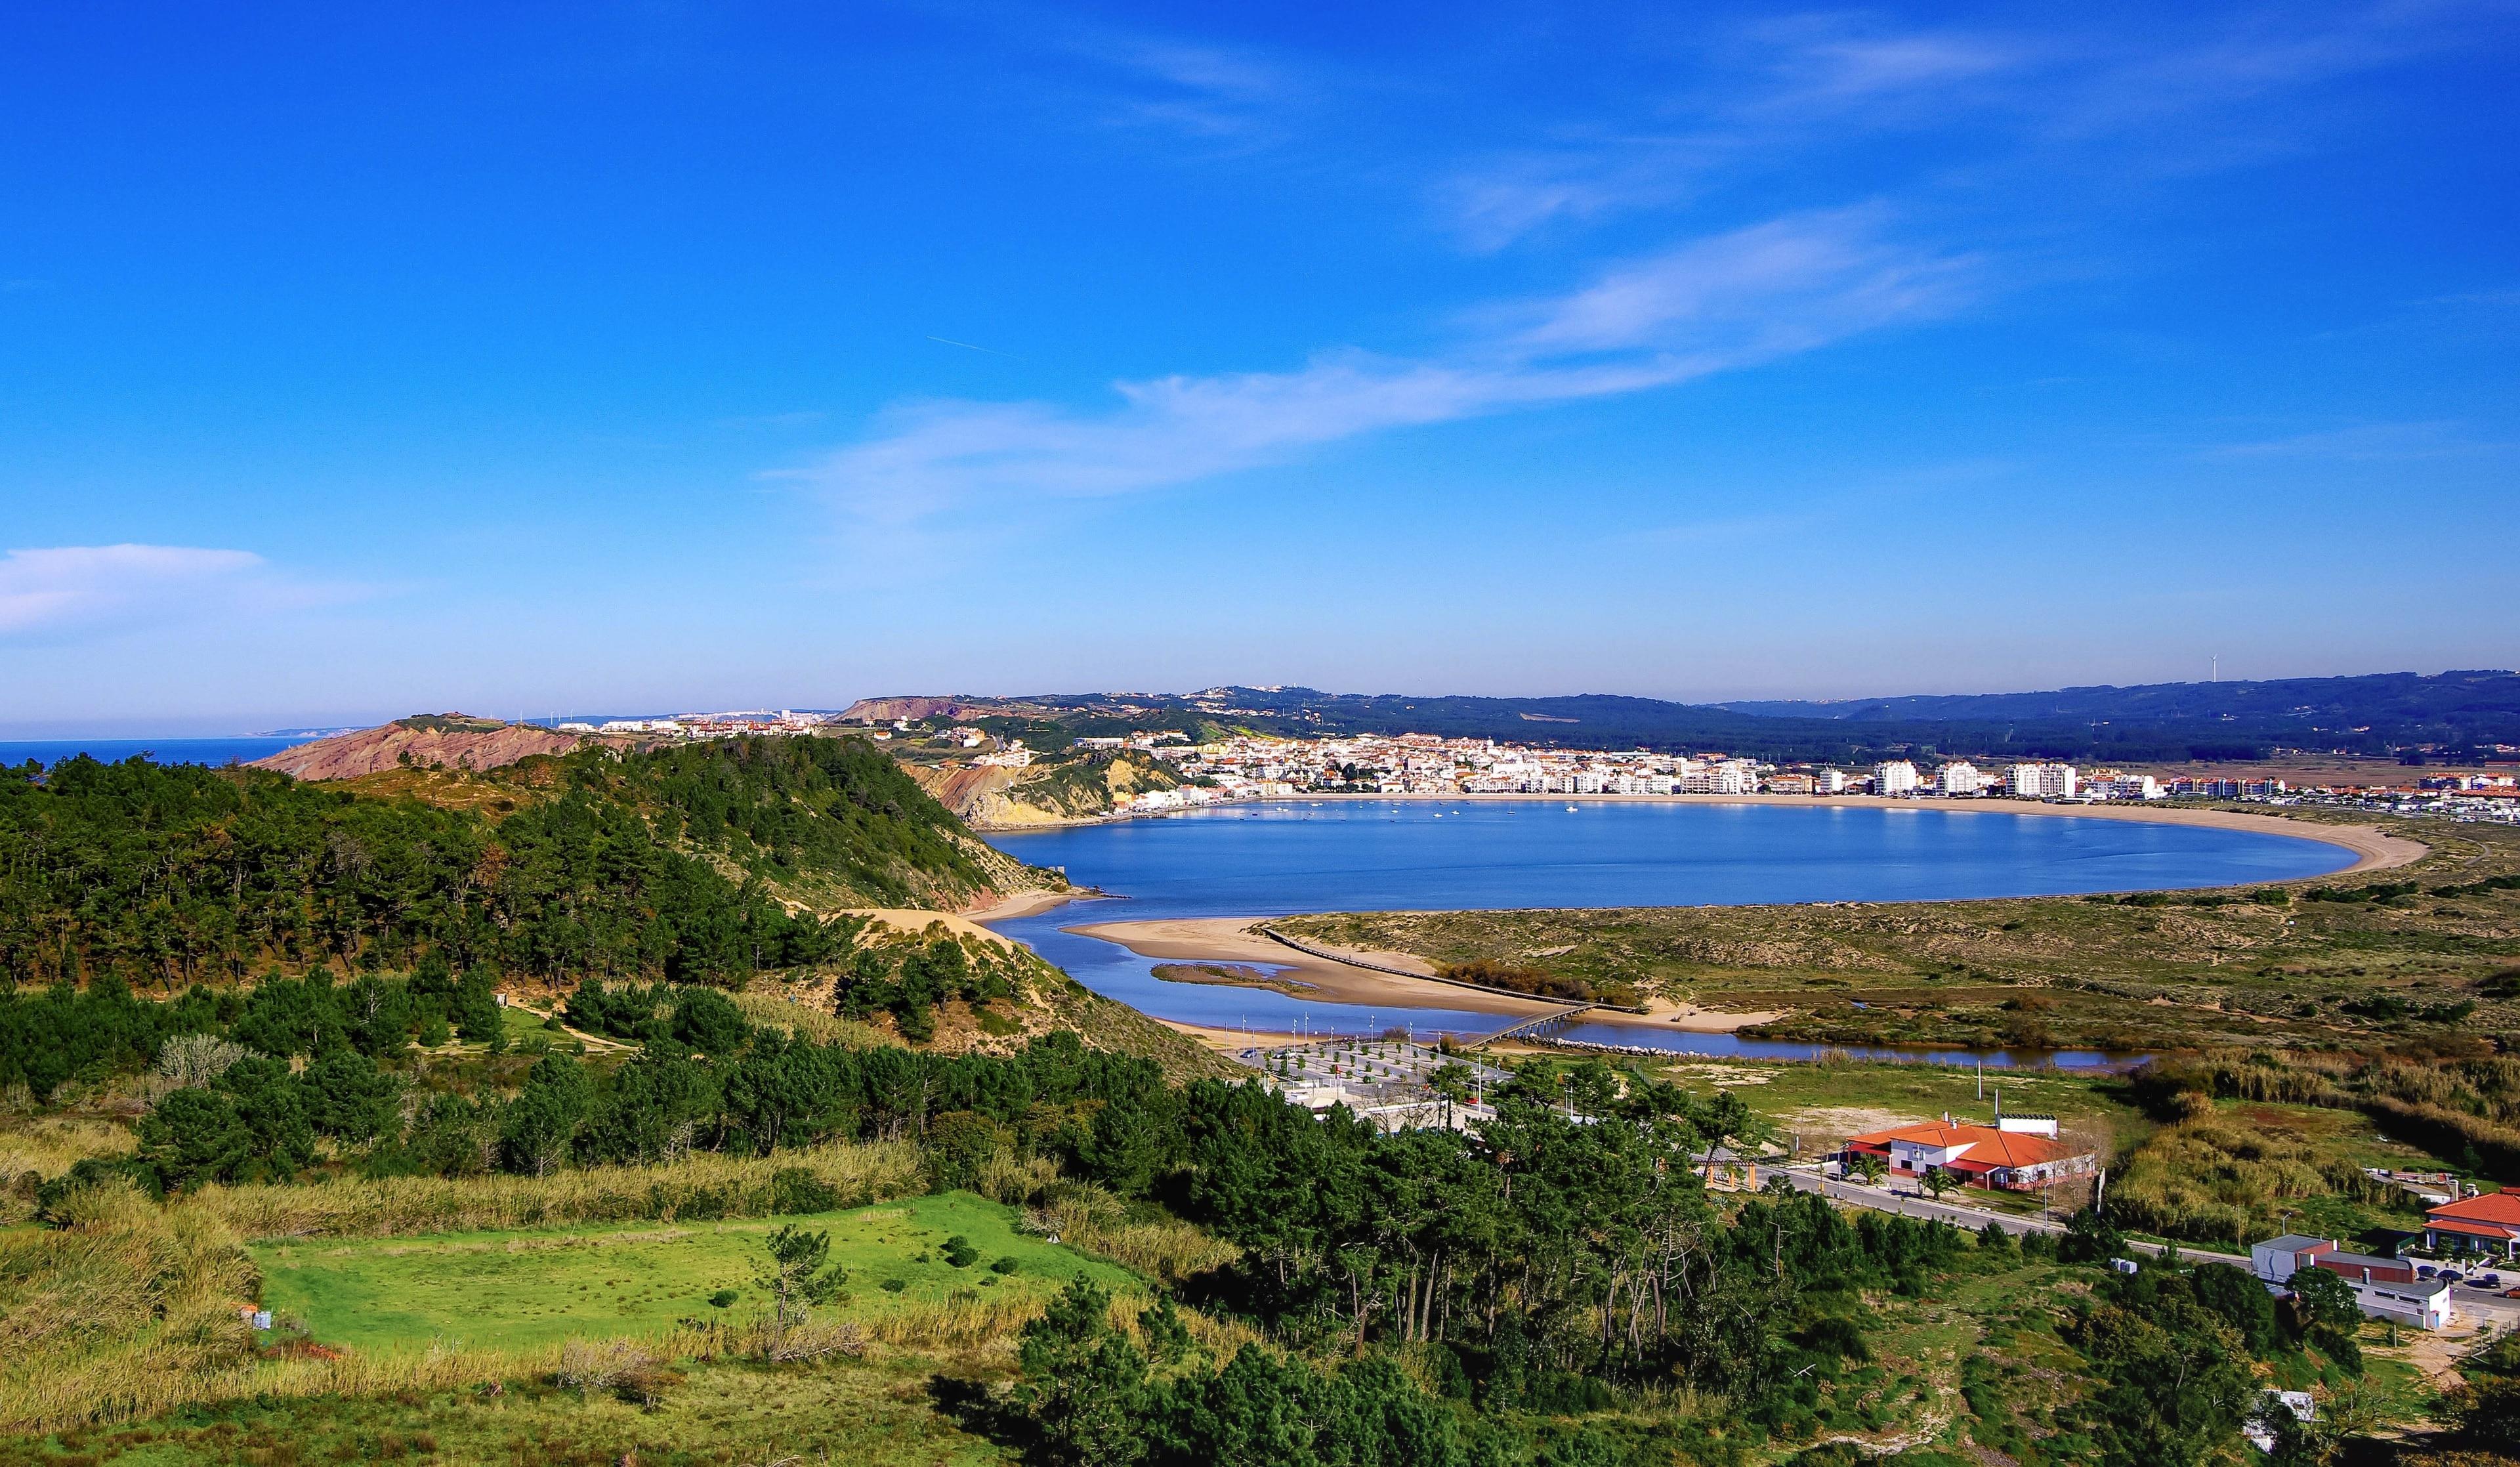 Alcobaça, Bezirk Leiria, Portugal